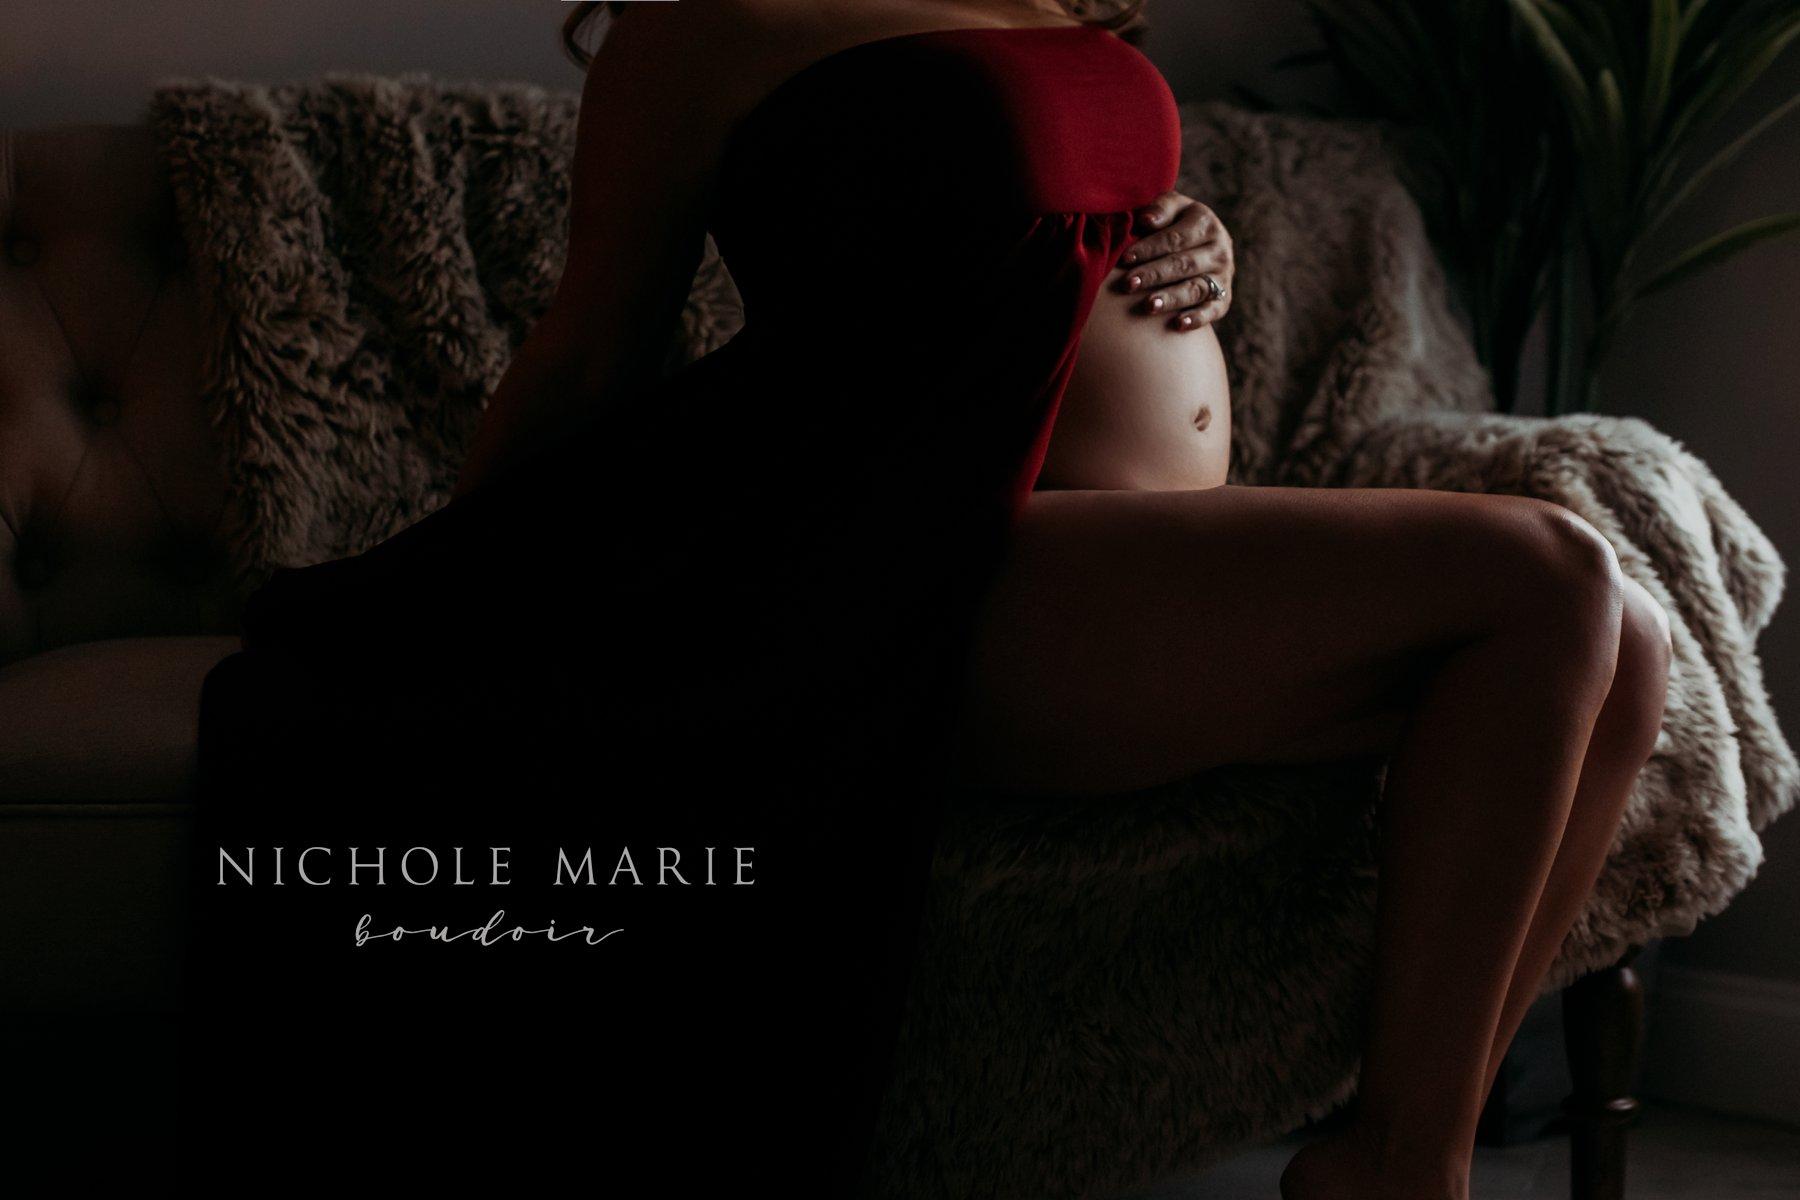 SEBASTIAN FLORIDA BOUDOIR PHOTOGRAPHER   NICHOLE MARIE BOUDOIR_0653.jpg